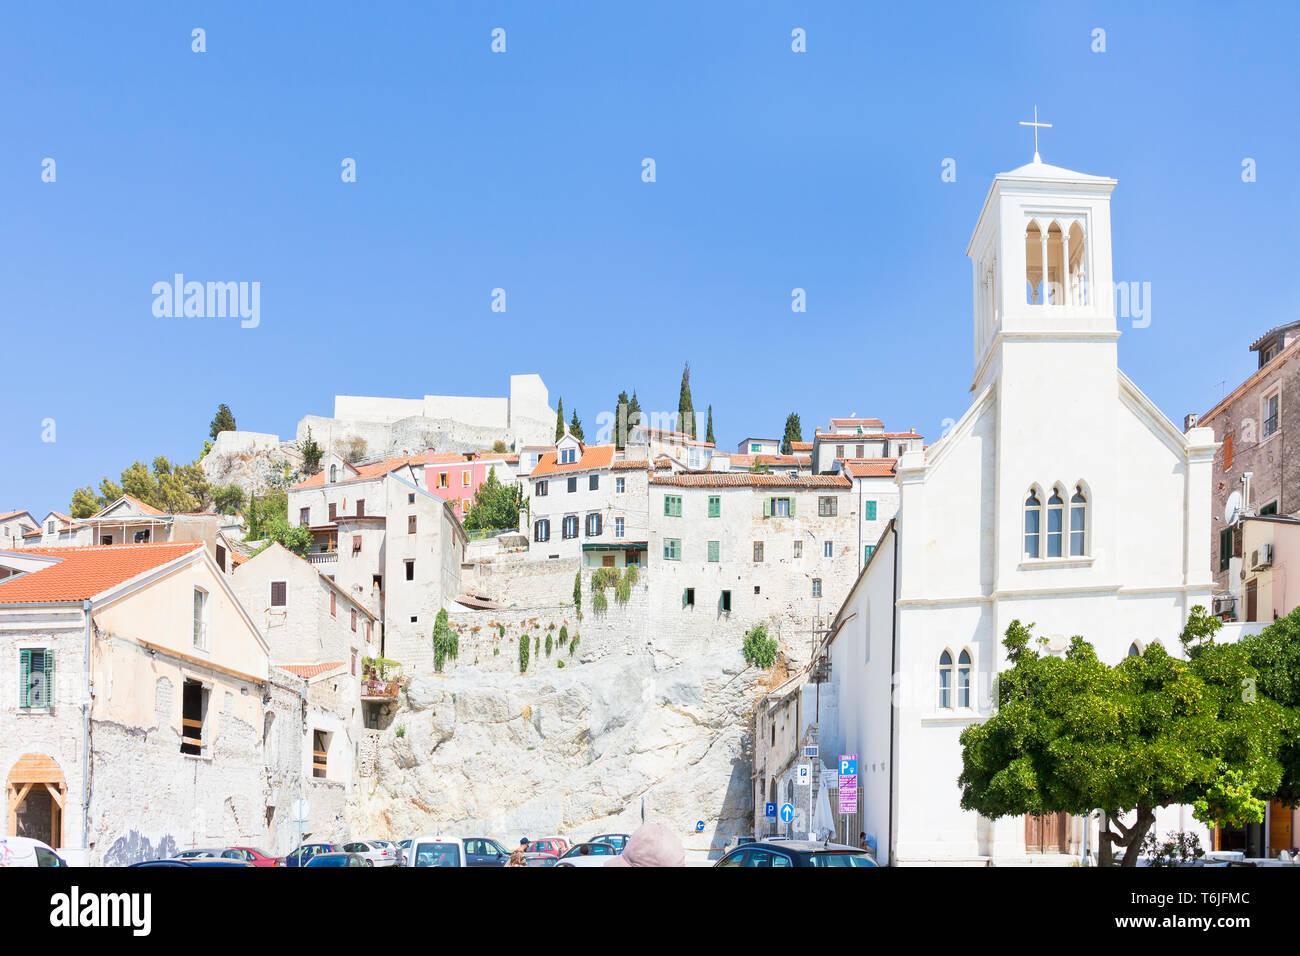 Sibenik, Kroatien, Europa - Kirche von Sibenik vor der alten Stadtmauer Stockfoto